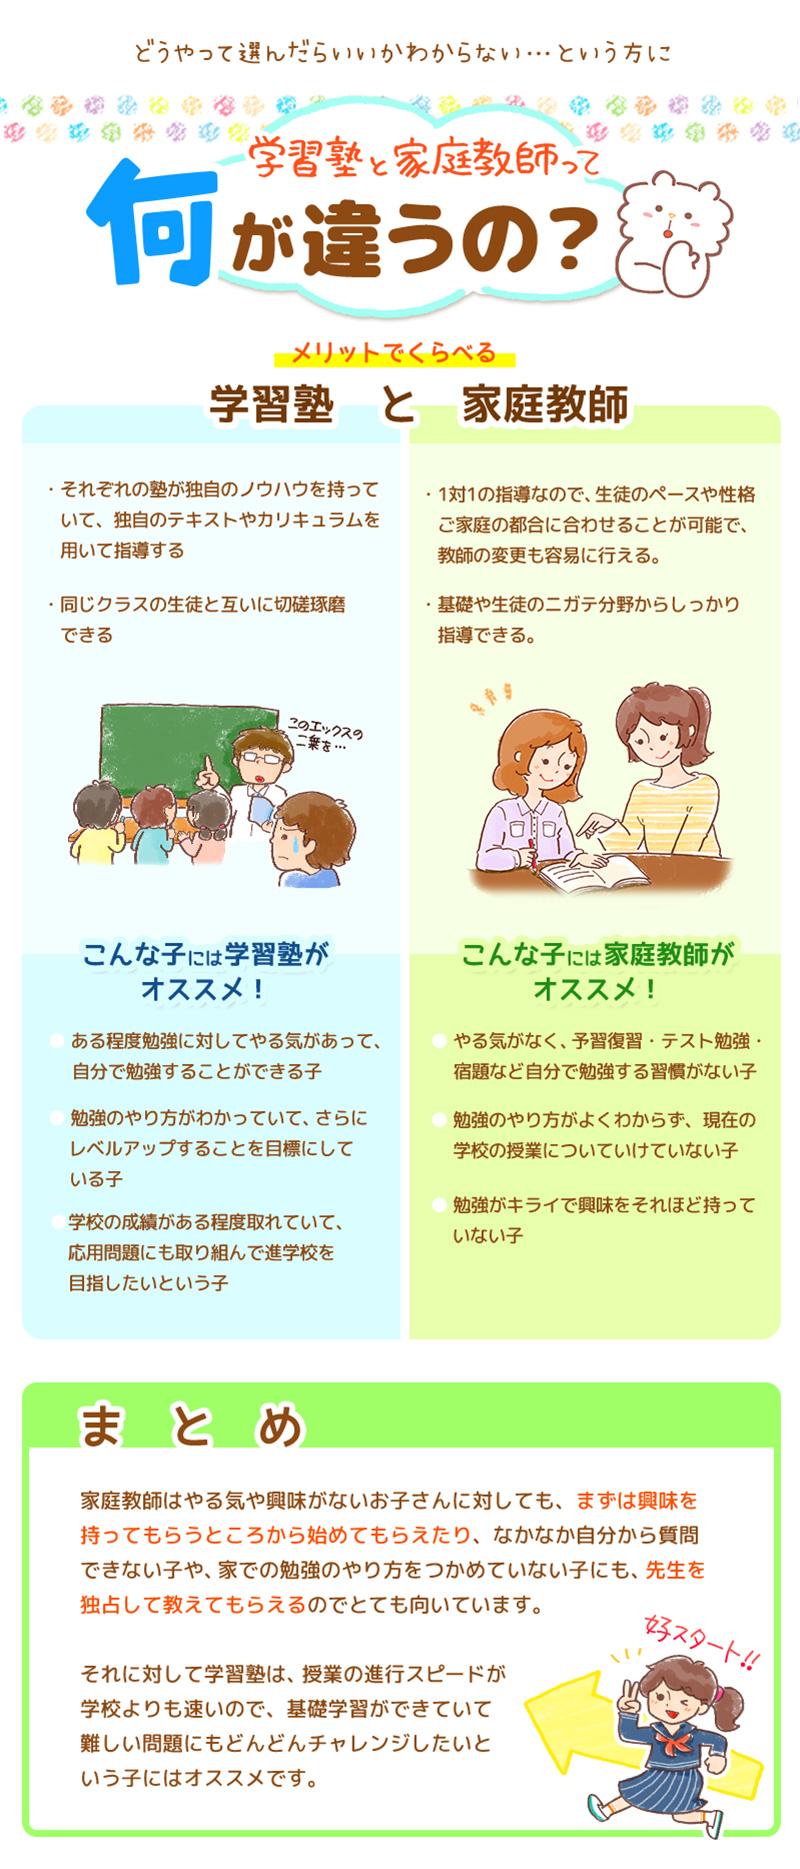 (東区のお客様のページ)塾と家庭教師って何が違うの?